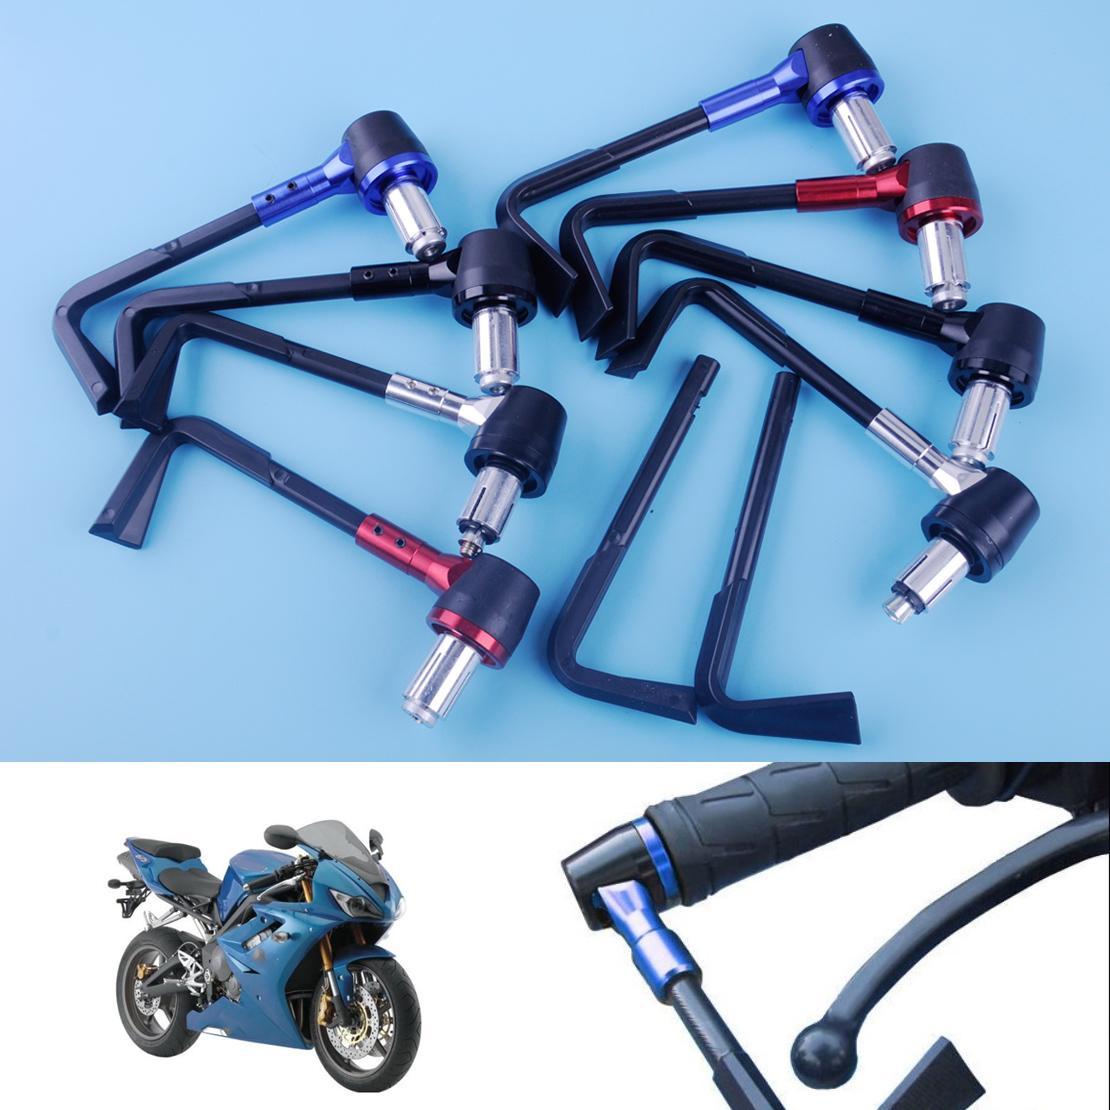 beler 4 stücke Motorrad Fahrrad 22mm 7/8 zoll Bremse Kupplungshebel Schutz Handschutz Verstellbare Lenkergriffe Motorrad